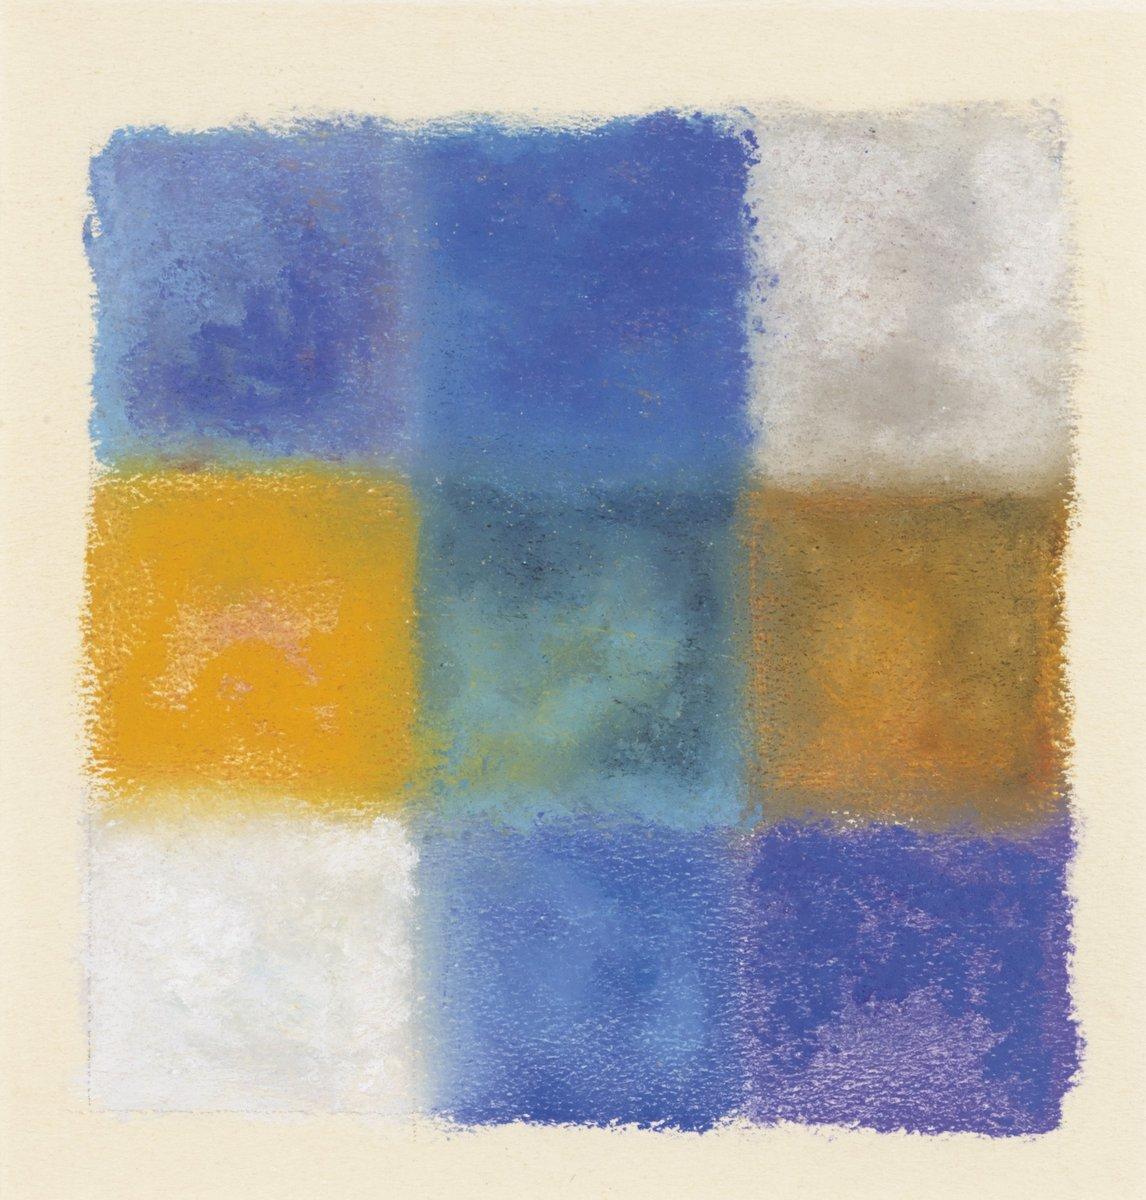 Джакометти Аугусто, картина Абстракция в голубом, желтом и беломДжакометти Аугусто<br>Репродукция на холсте или бумаге. Любого нужного вам размера. В раме или без. Подвес в комплекте. Трехслойная надежная упаковка. Доставим в любую точку России. Вам осталось только повесить картину на стену!<br>